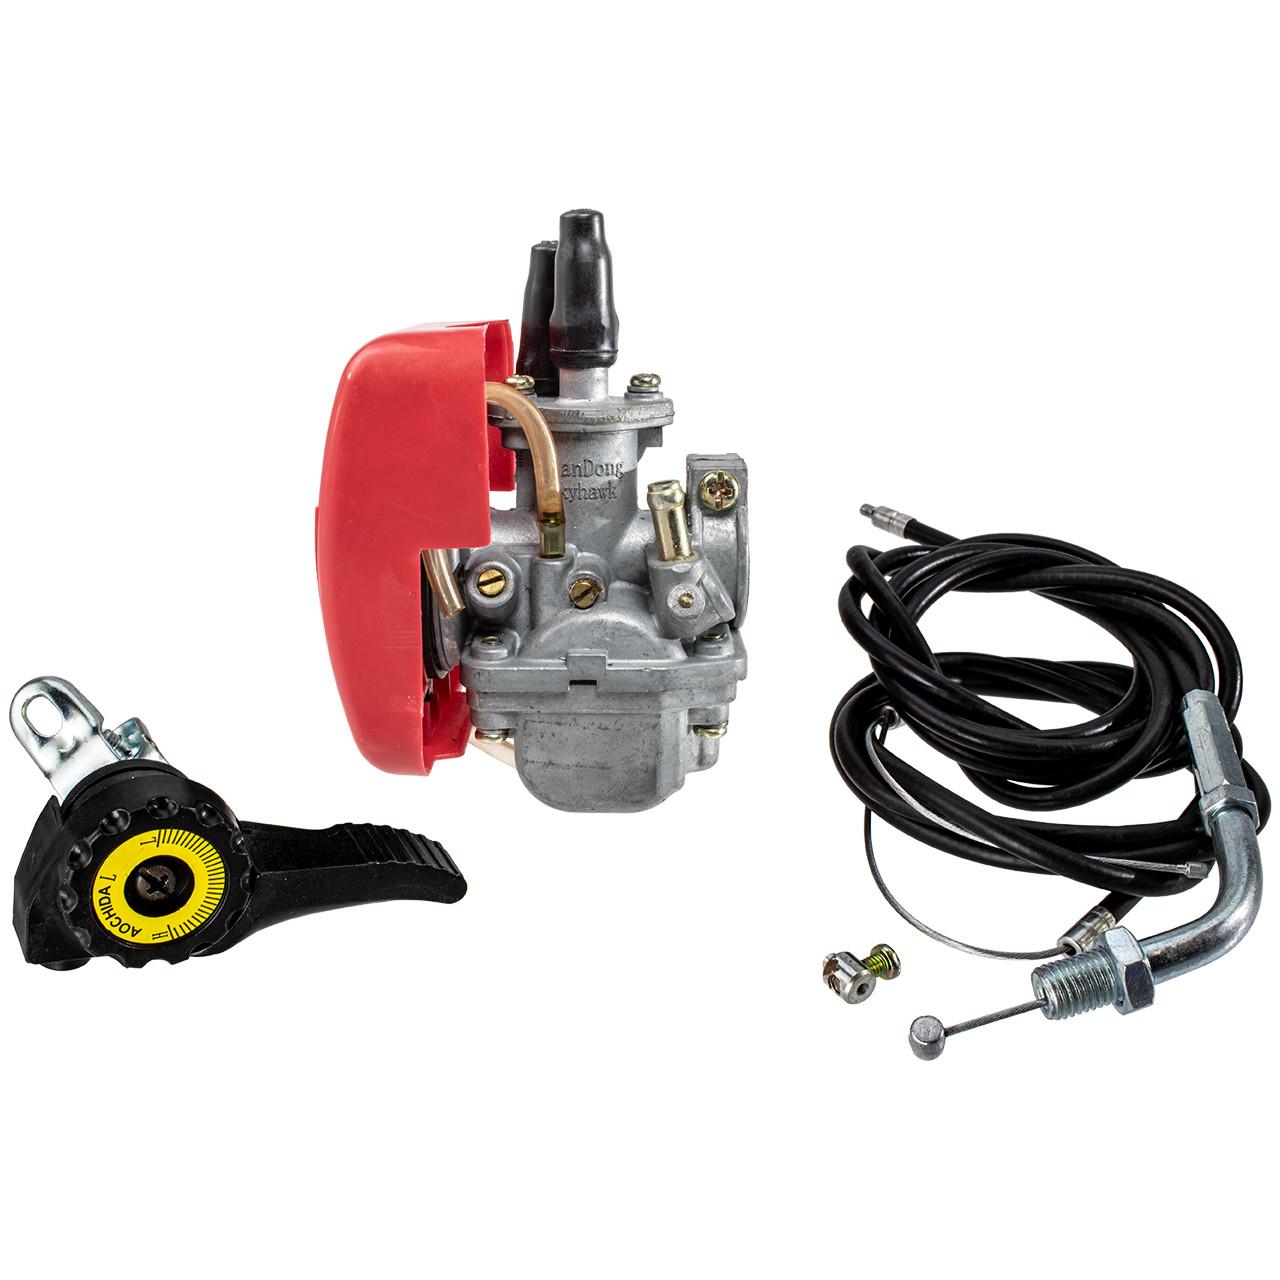 77fa4e1e715 Tunable 2 Stroke CNS Performance Carburetor V2 - Bicycle-Engines.com